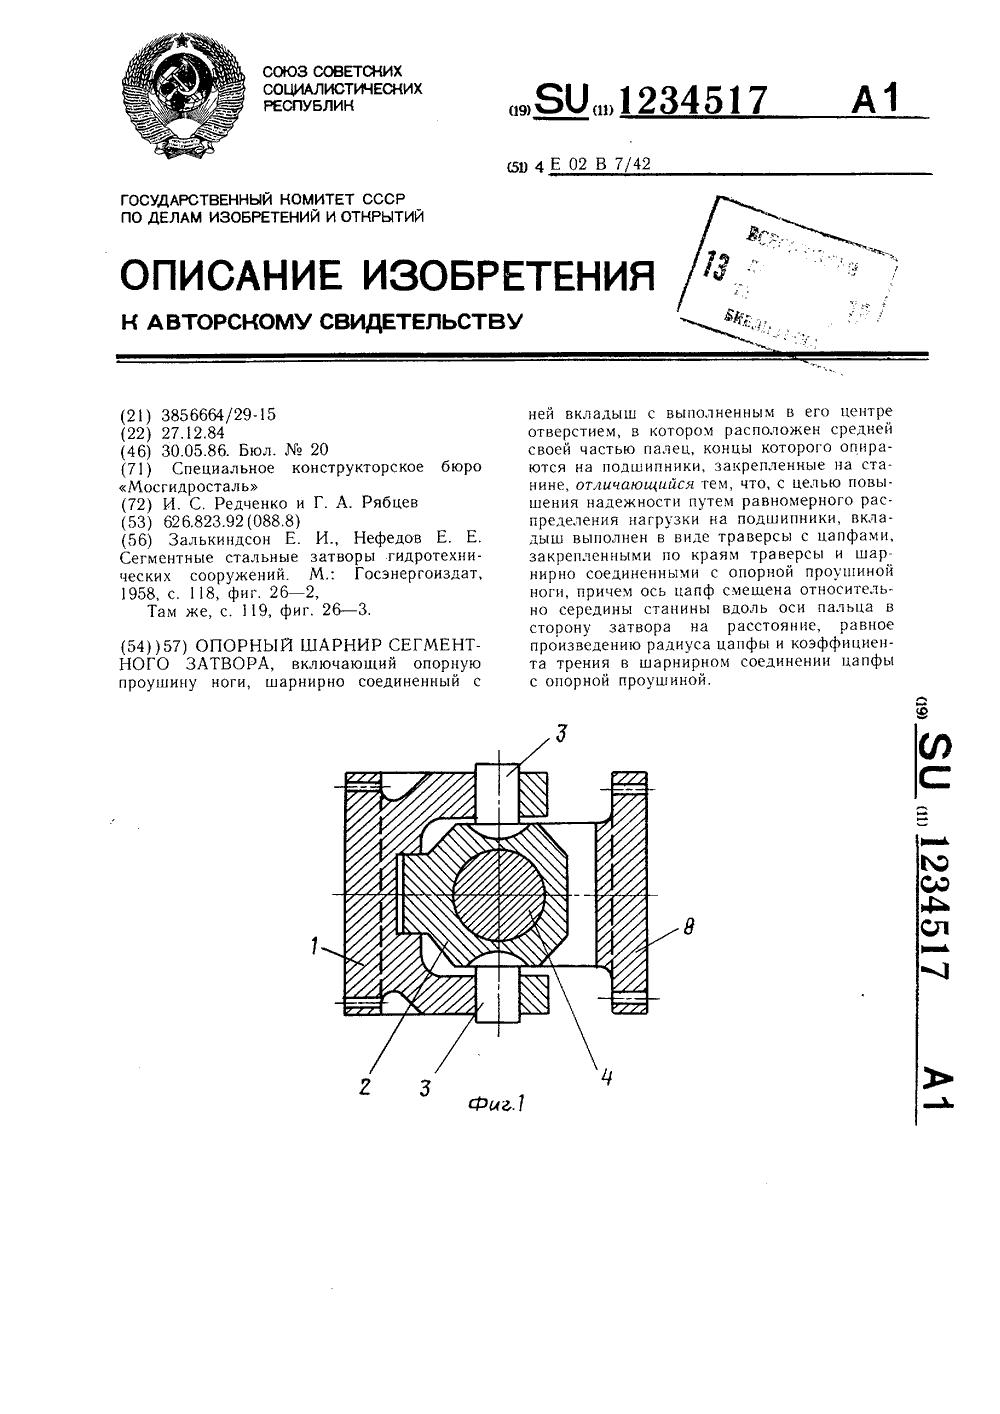 Вододействующий затвор сваи с предварительно изготовленными опорами и анкерными частями; анкерные сваи